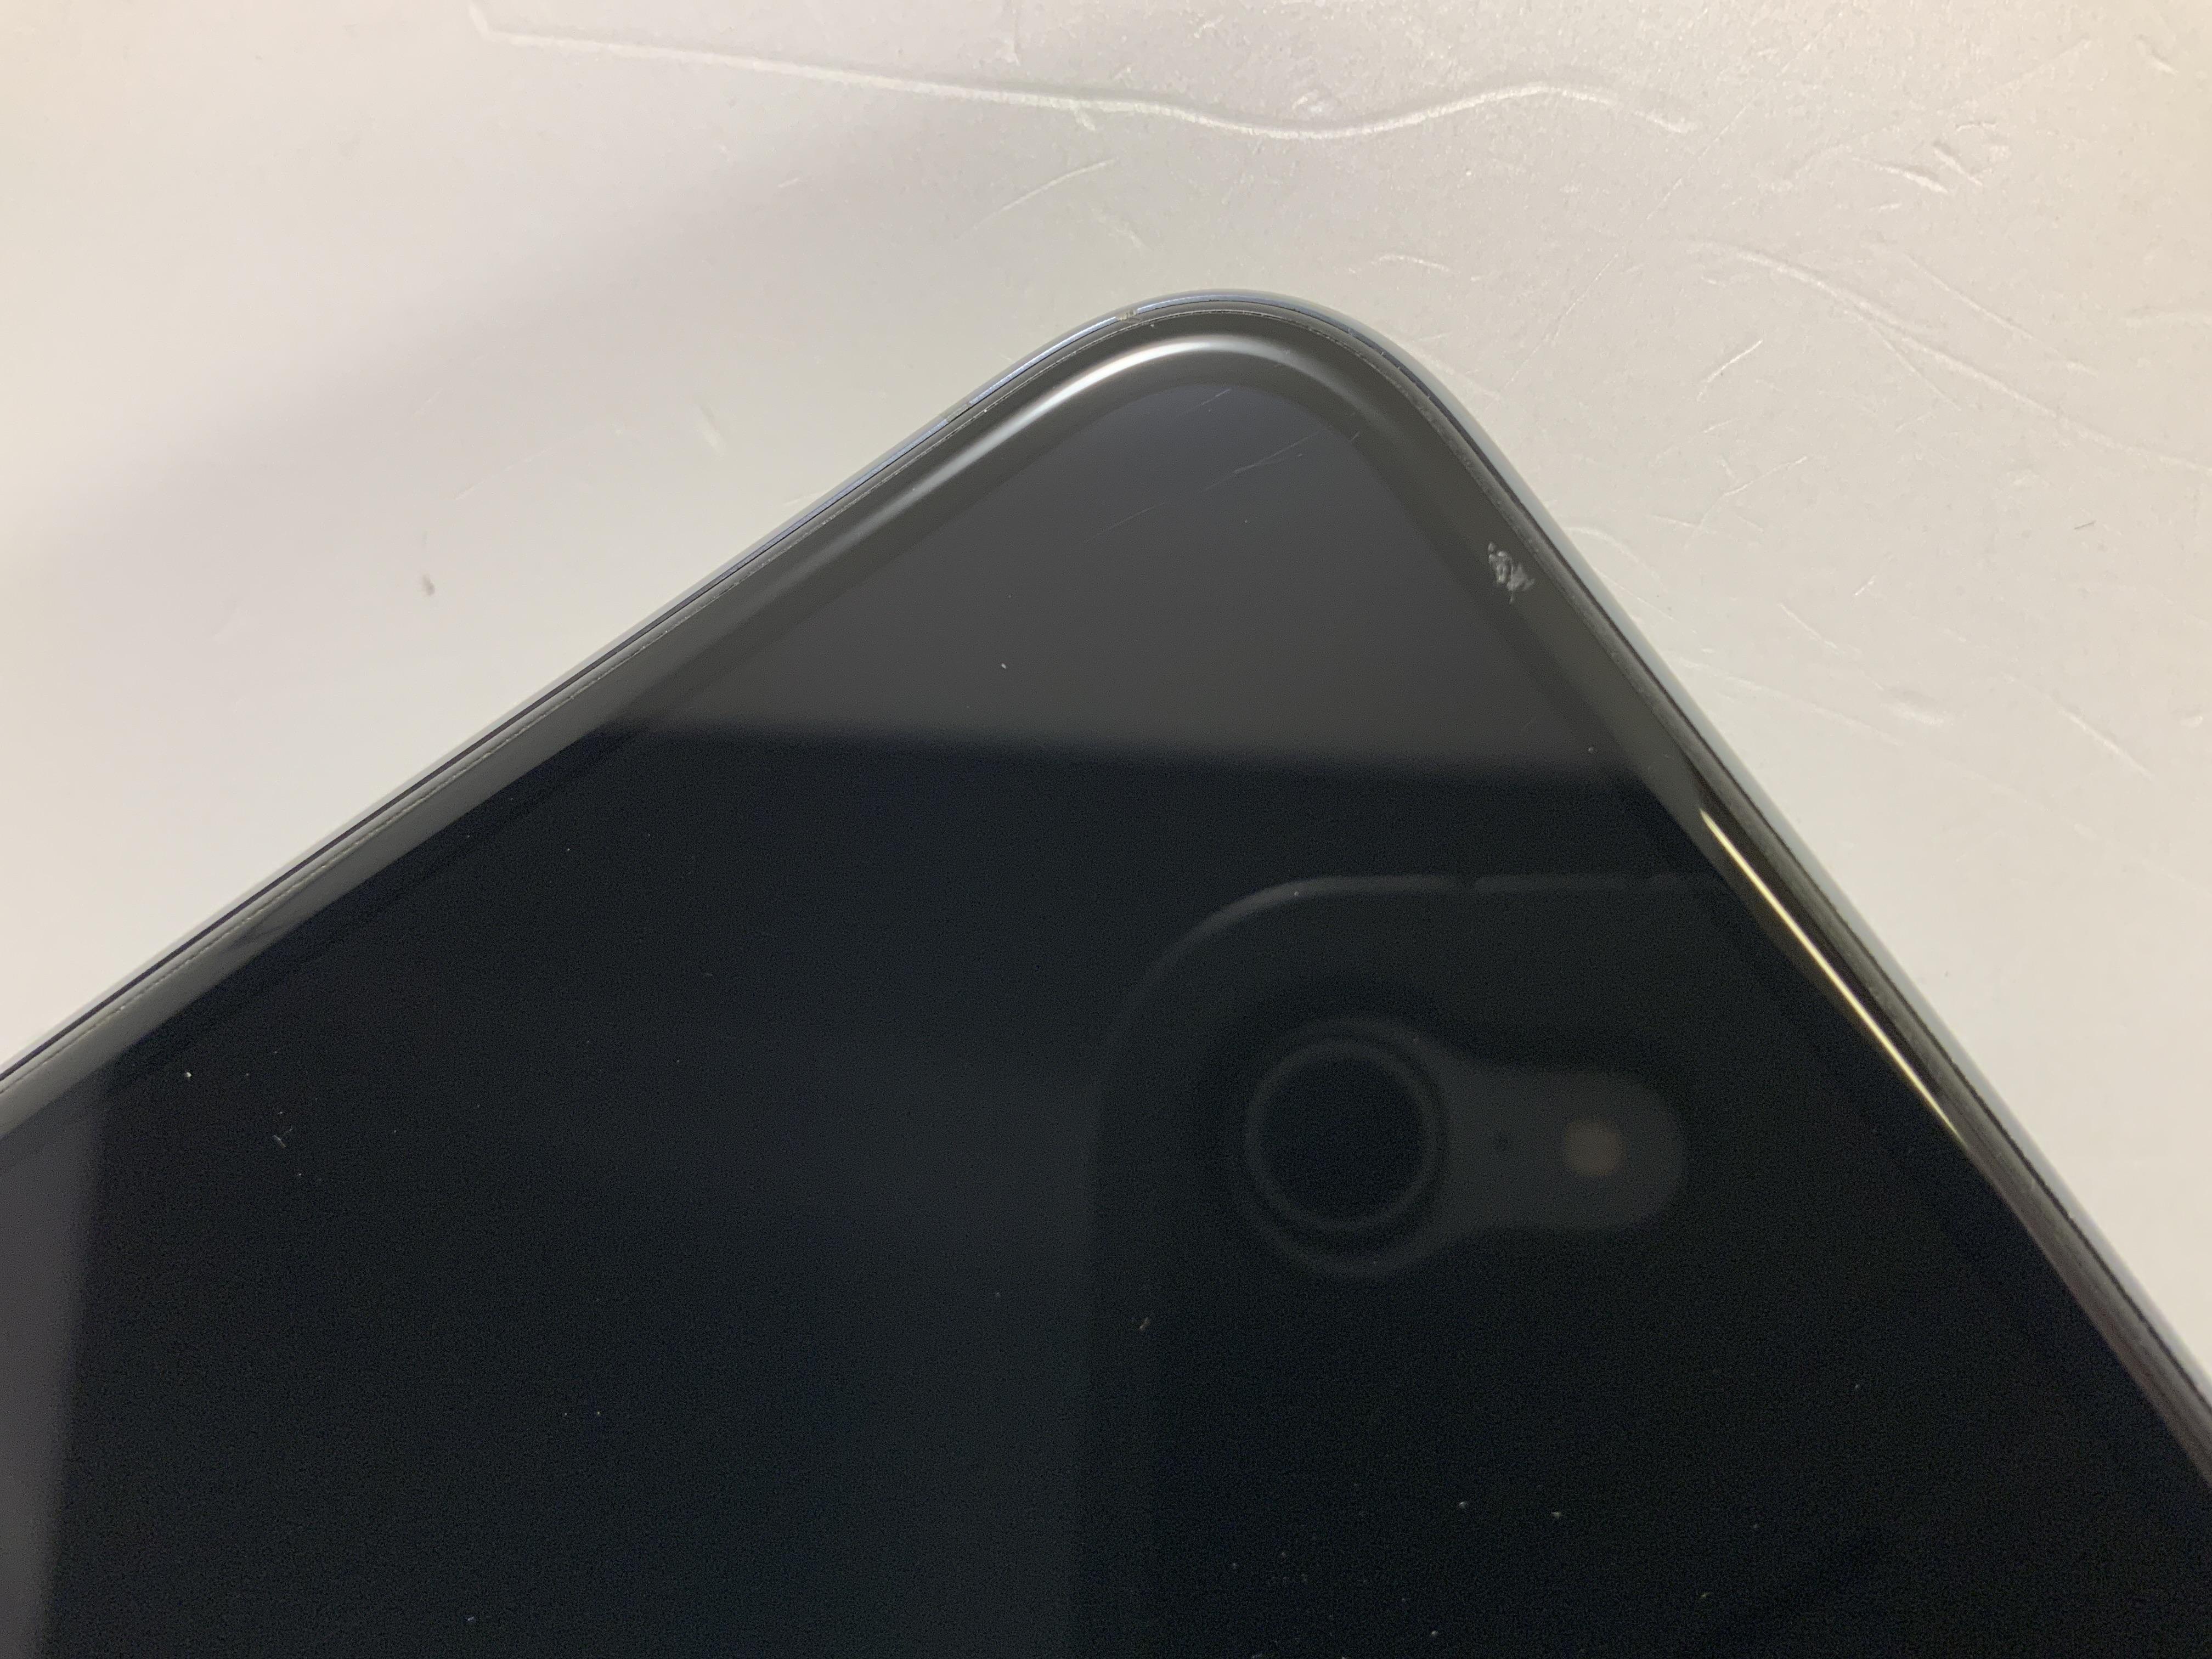 iPhone 11 Pro Max 256GB, 256GB, Midnight Green, immagine 4